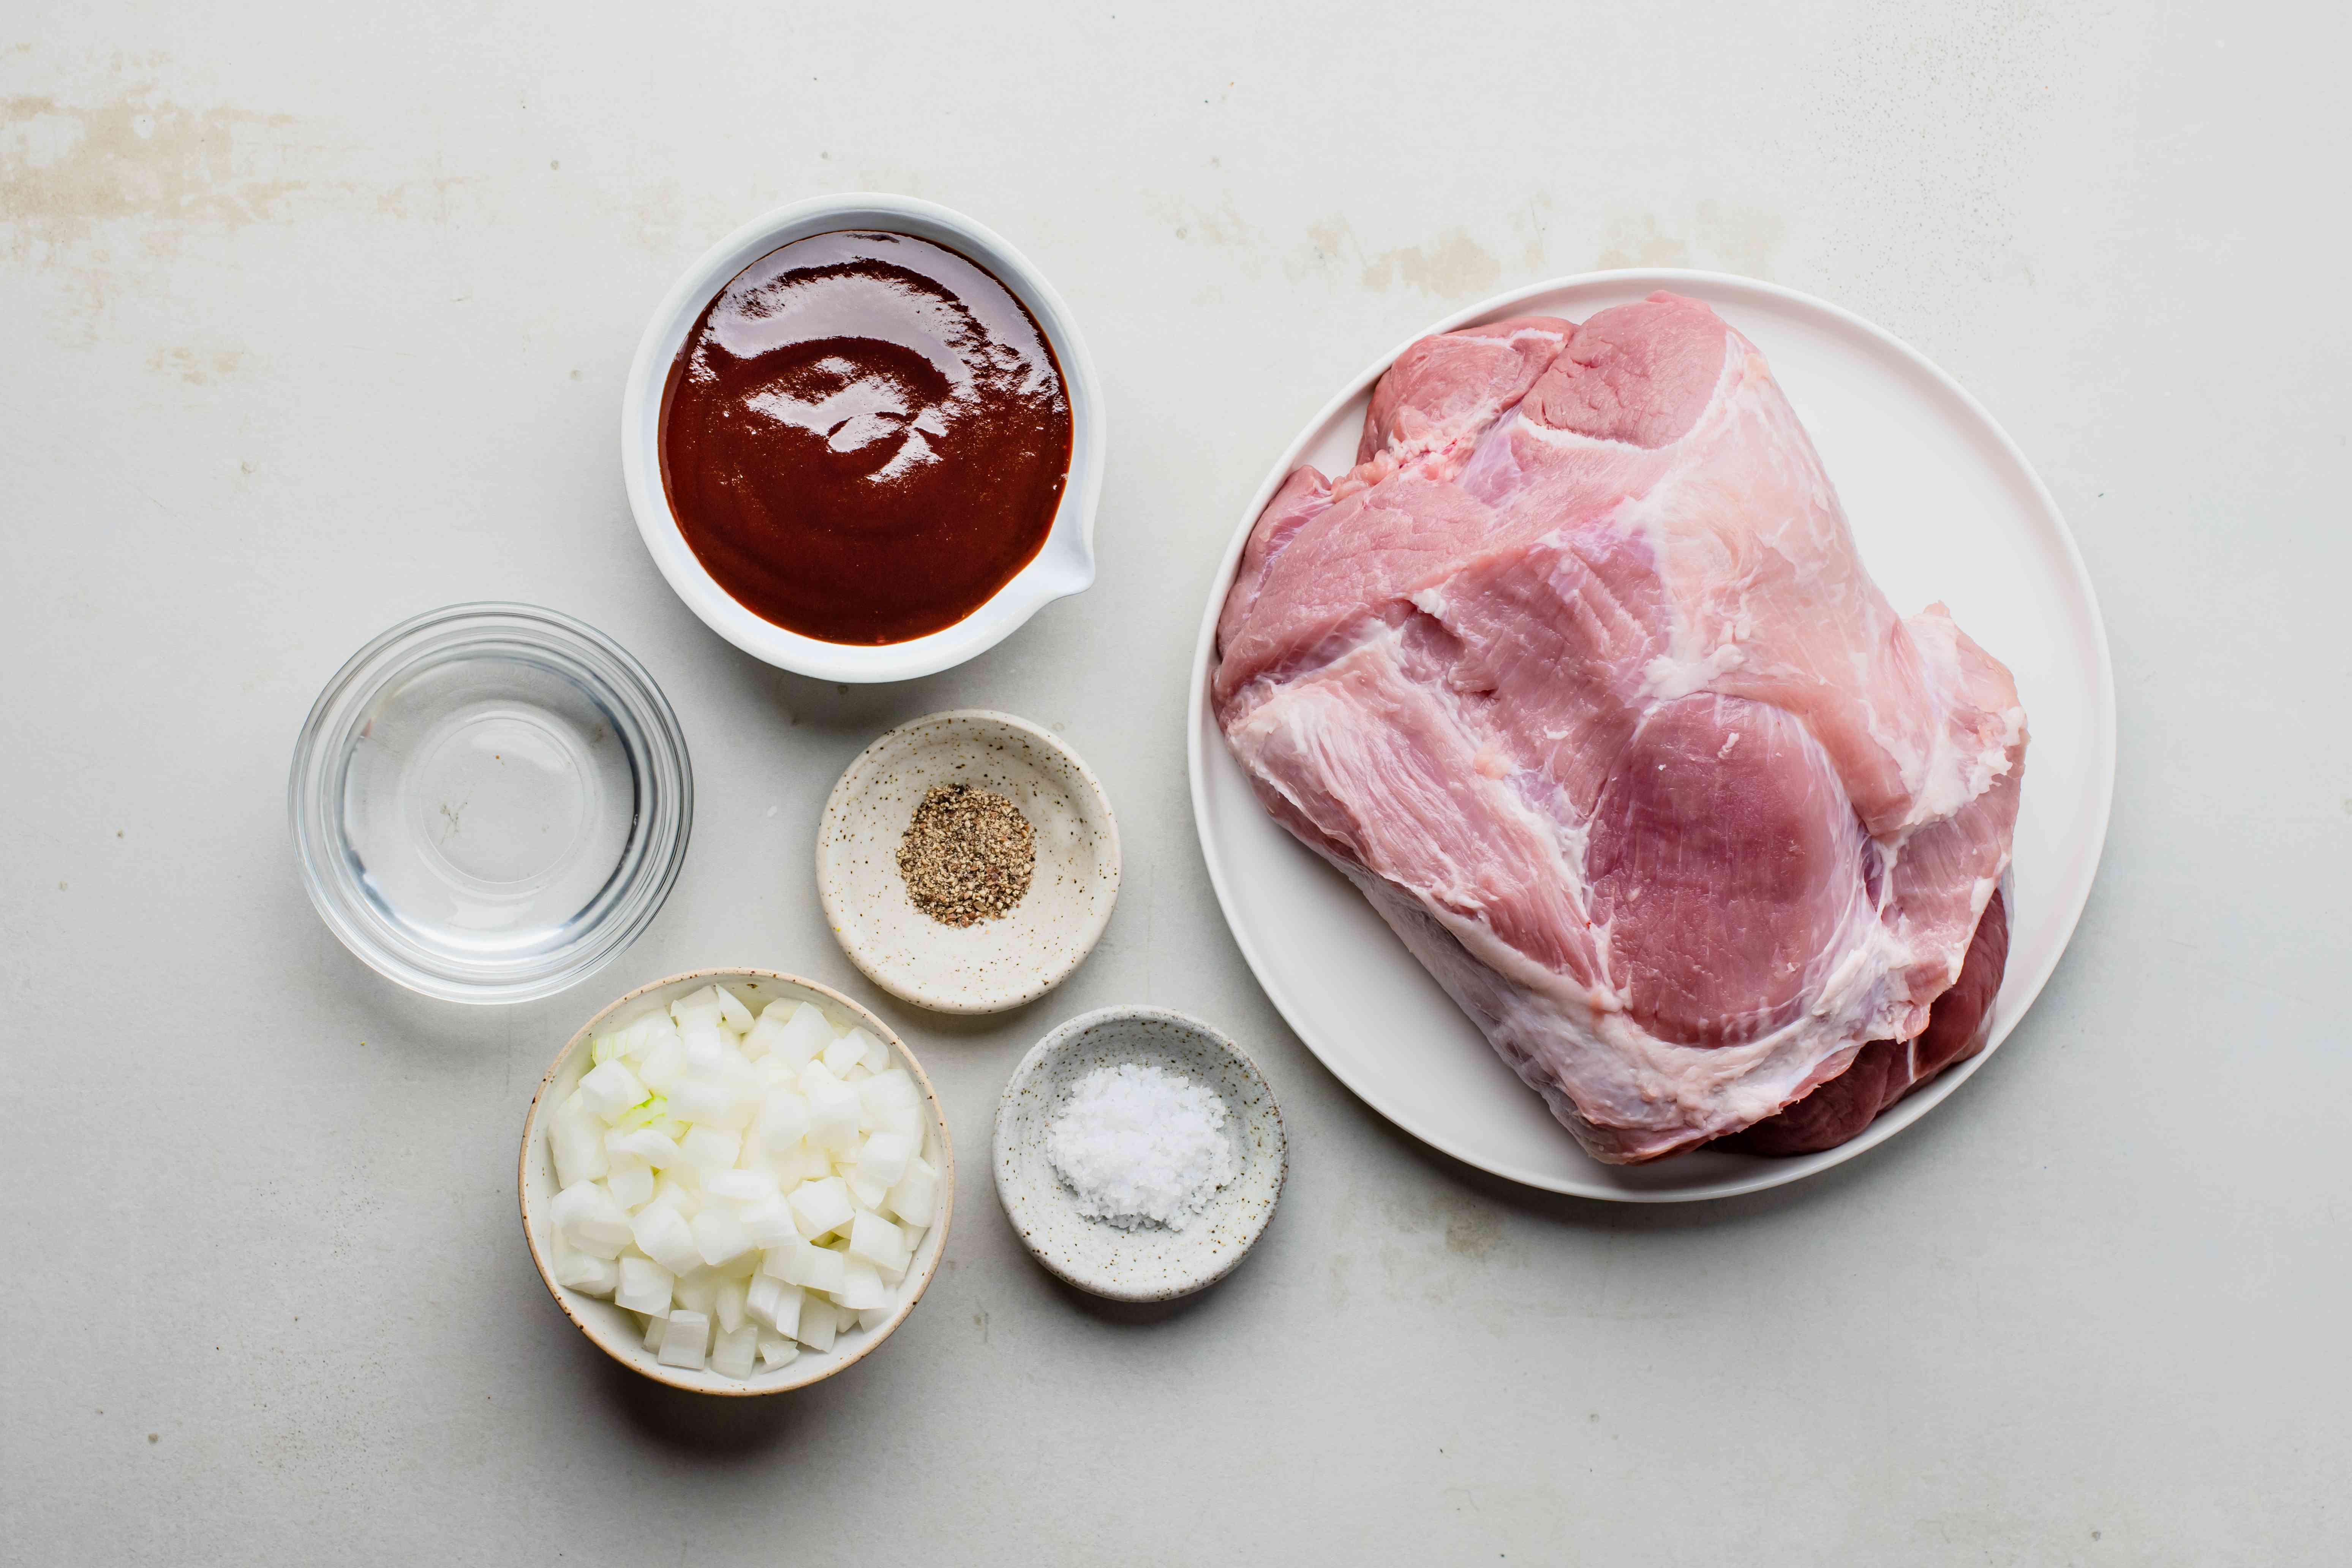 Ingredients for crock pot pork shoulder